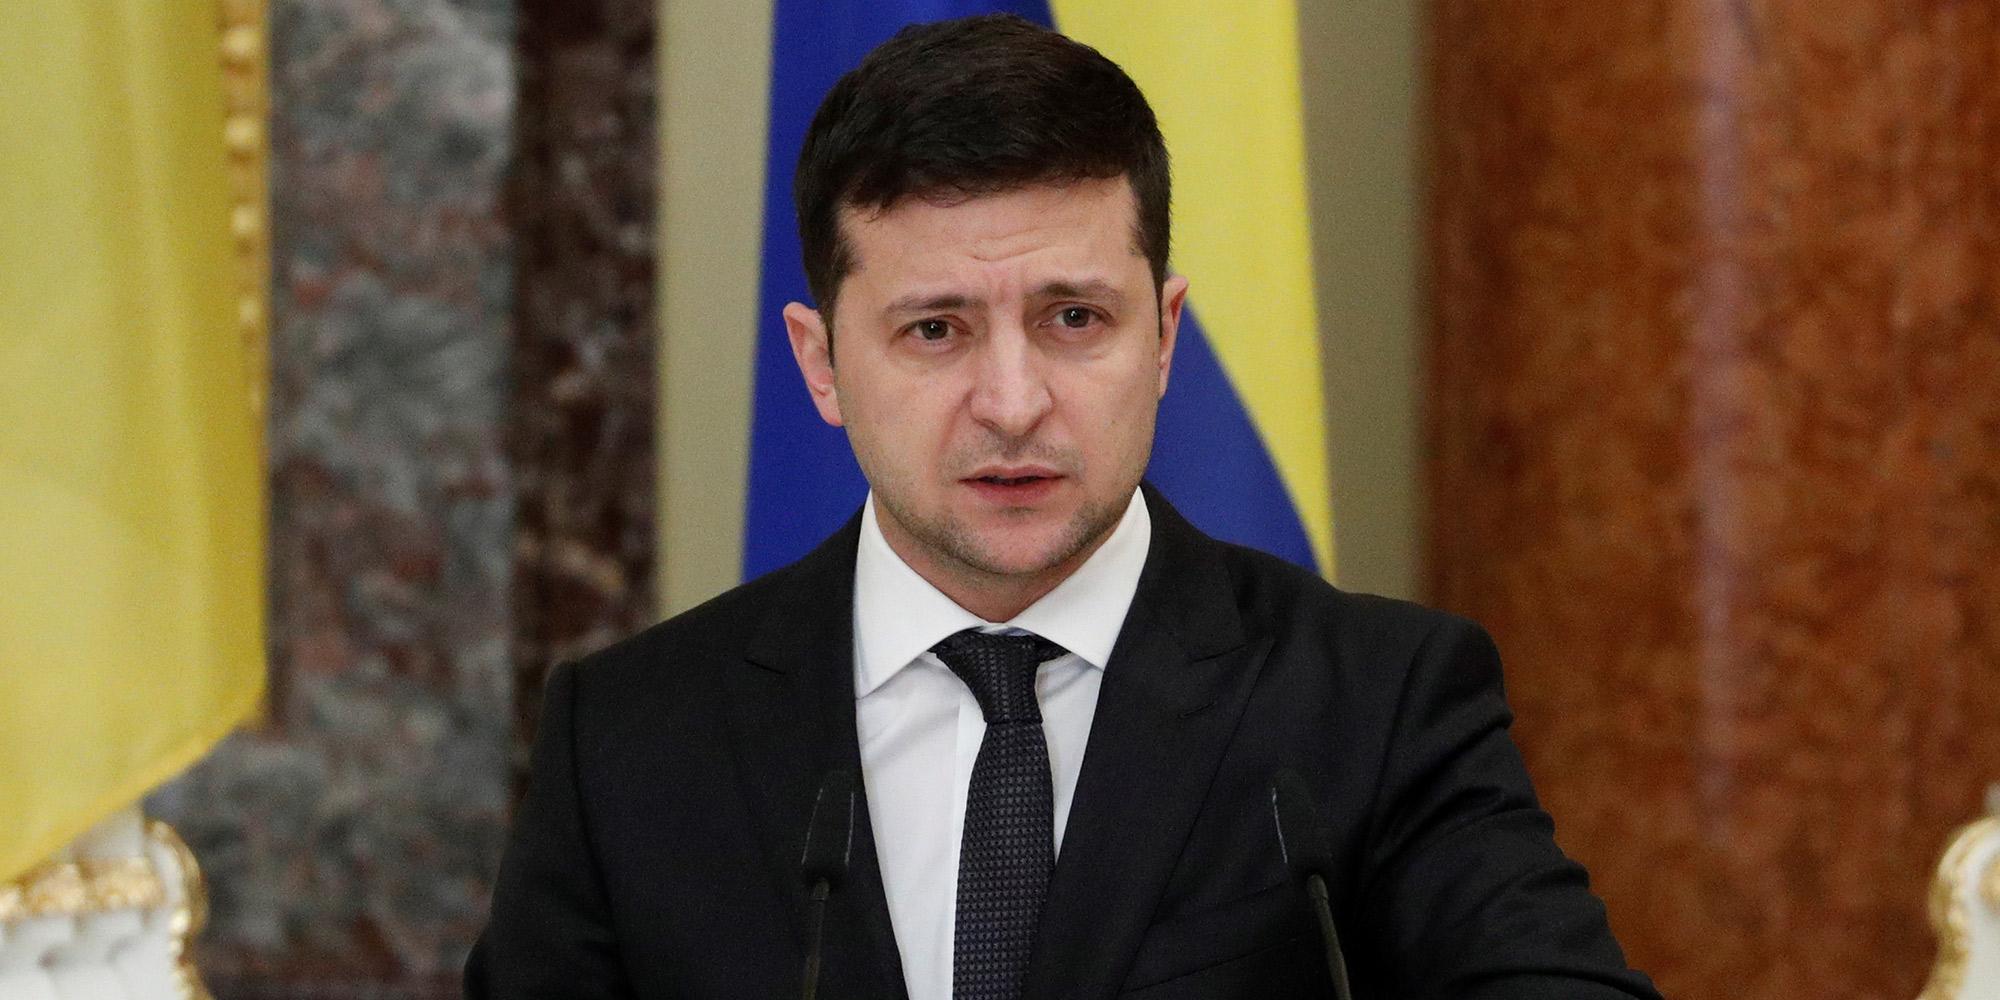 Le-president-ukrainien-Volodymyr-Zelensky-en-quete-d-une-paix-difficile-avec-la-Russie